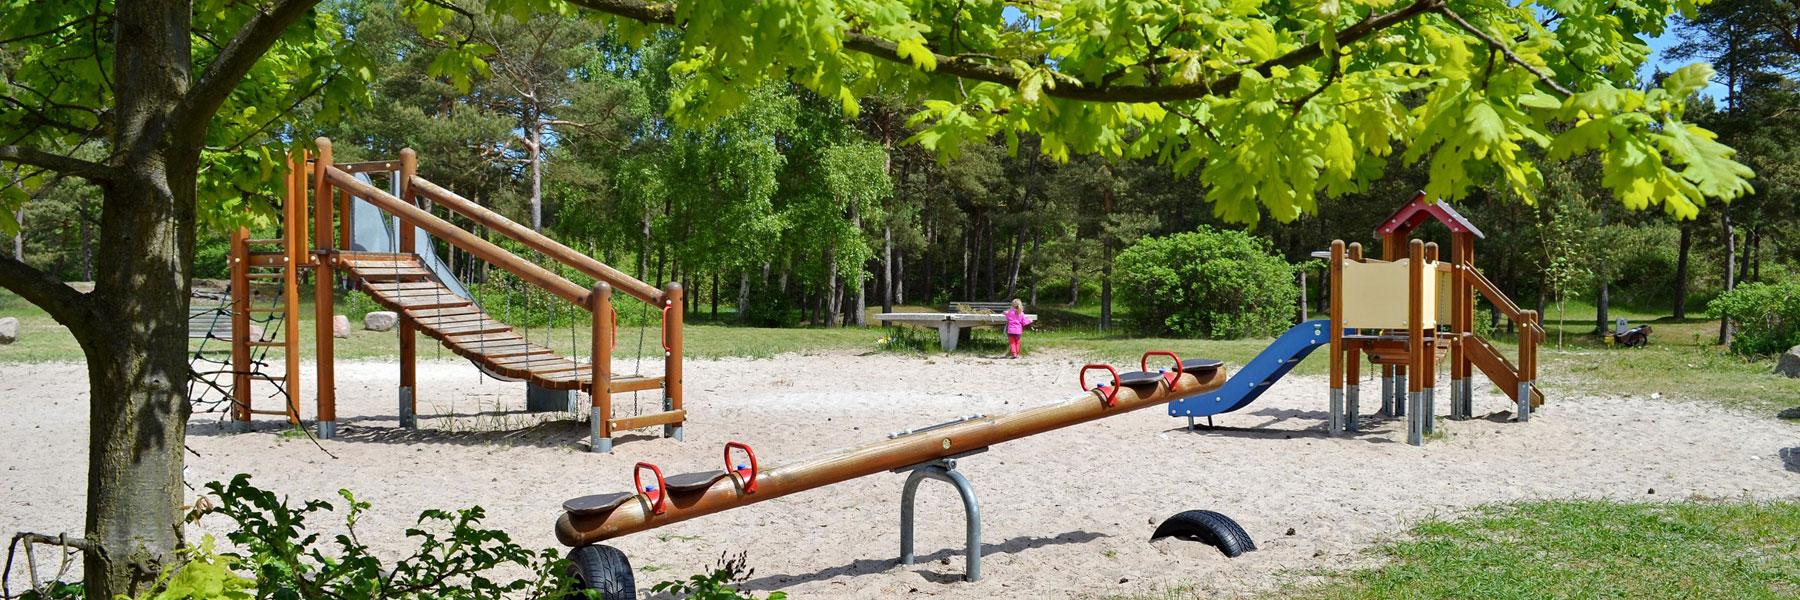 Spielplatz - Freizeitcamp Am Wasser